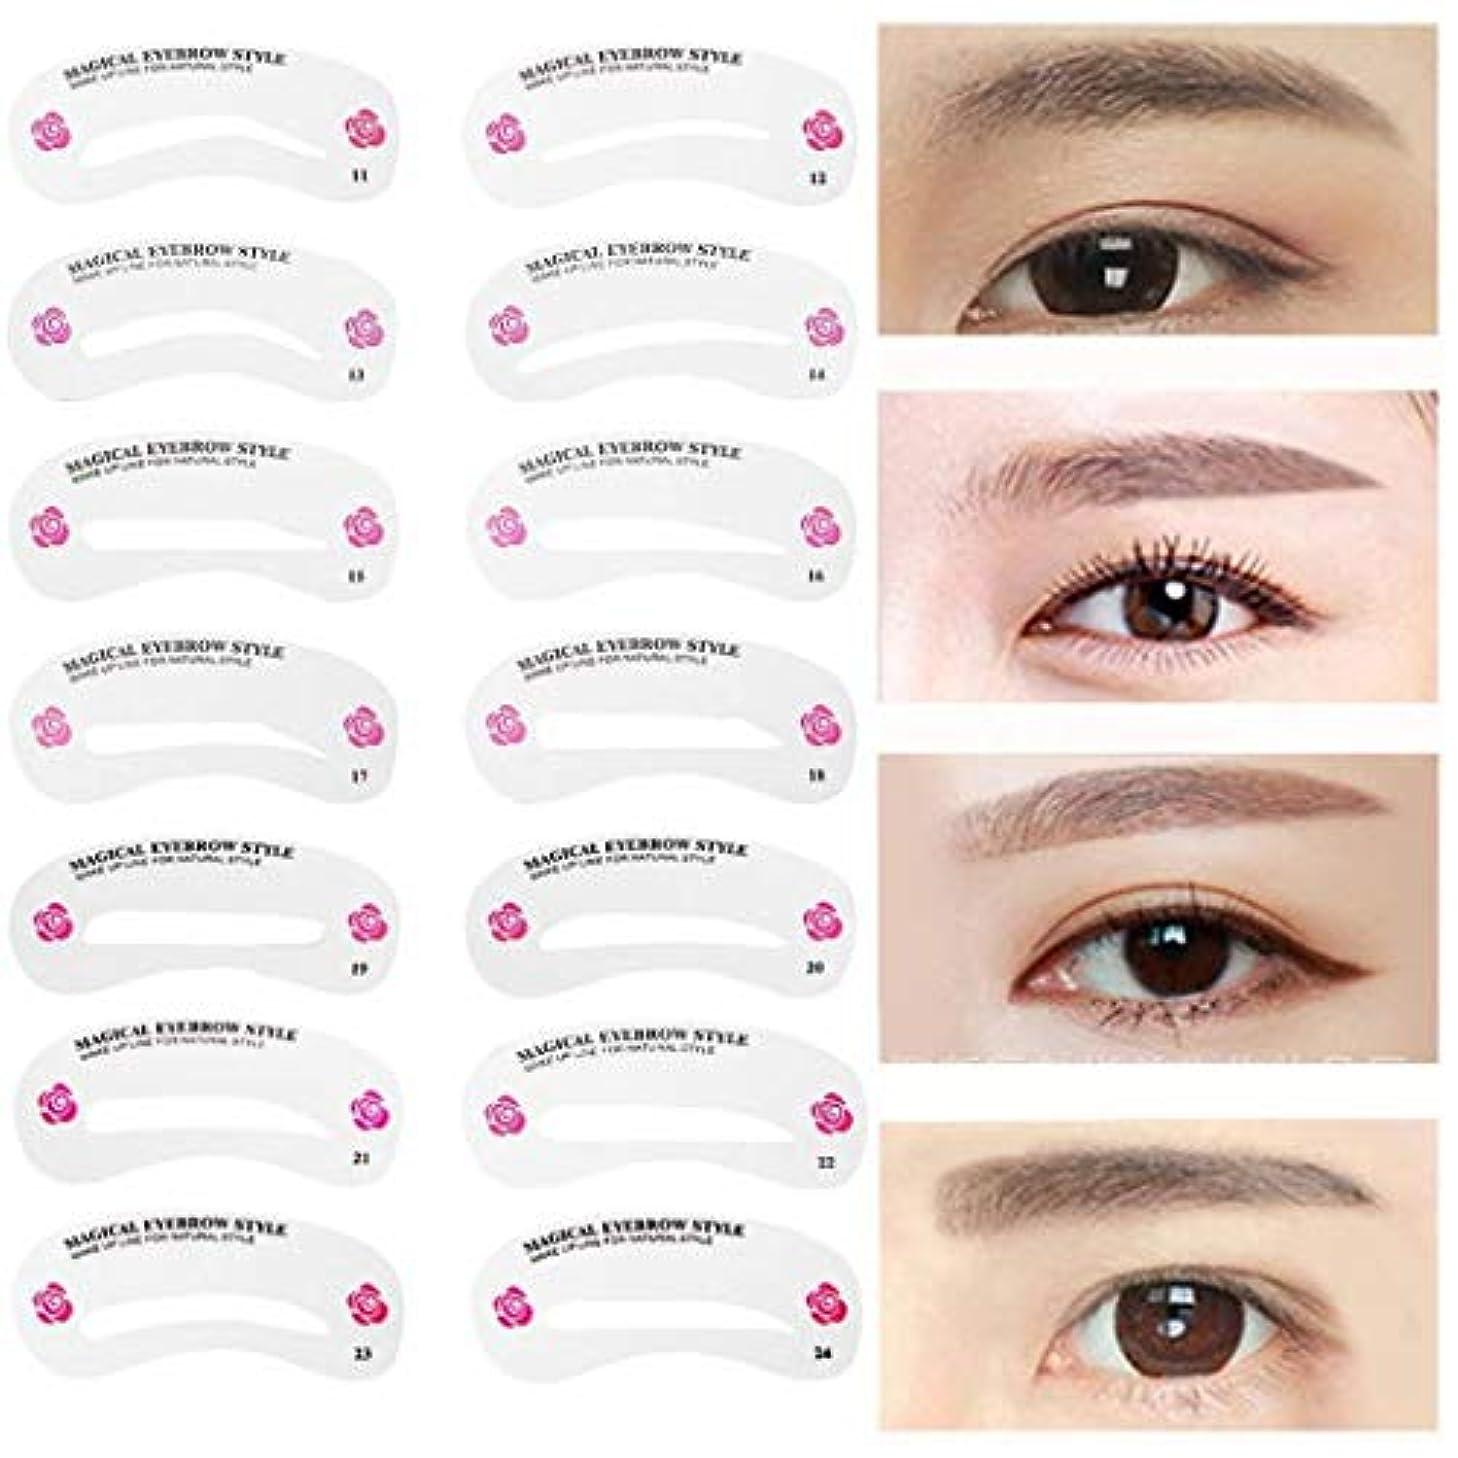 24種類 眉毛テンプレート24枚セット 太眉対応 24パターン 眉毛を気分で使い分け 眉用ステンシル